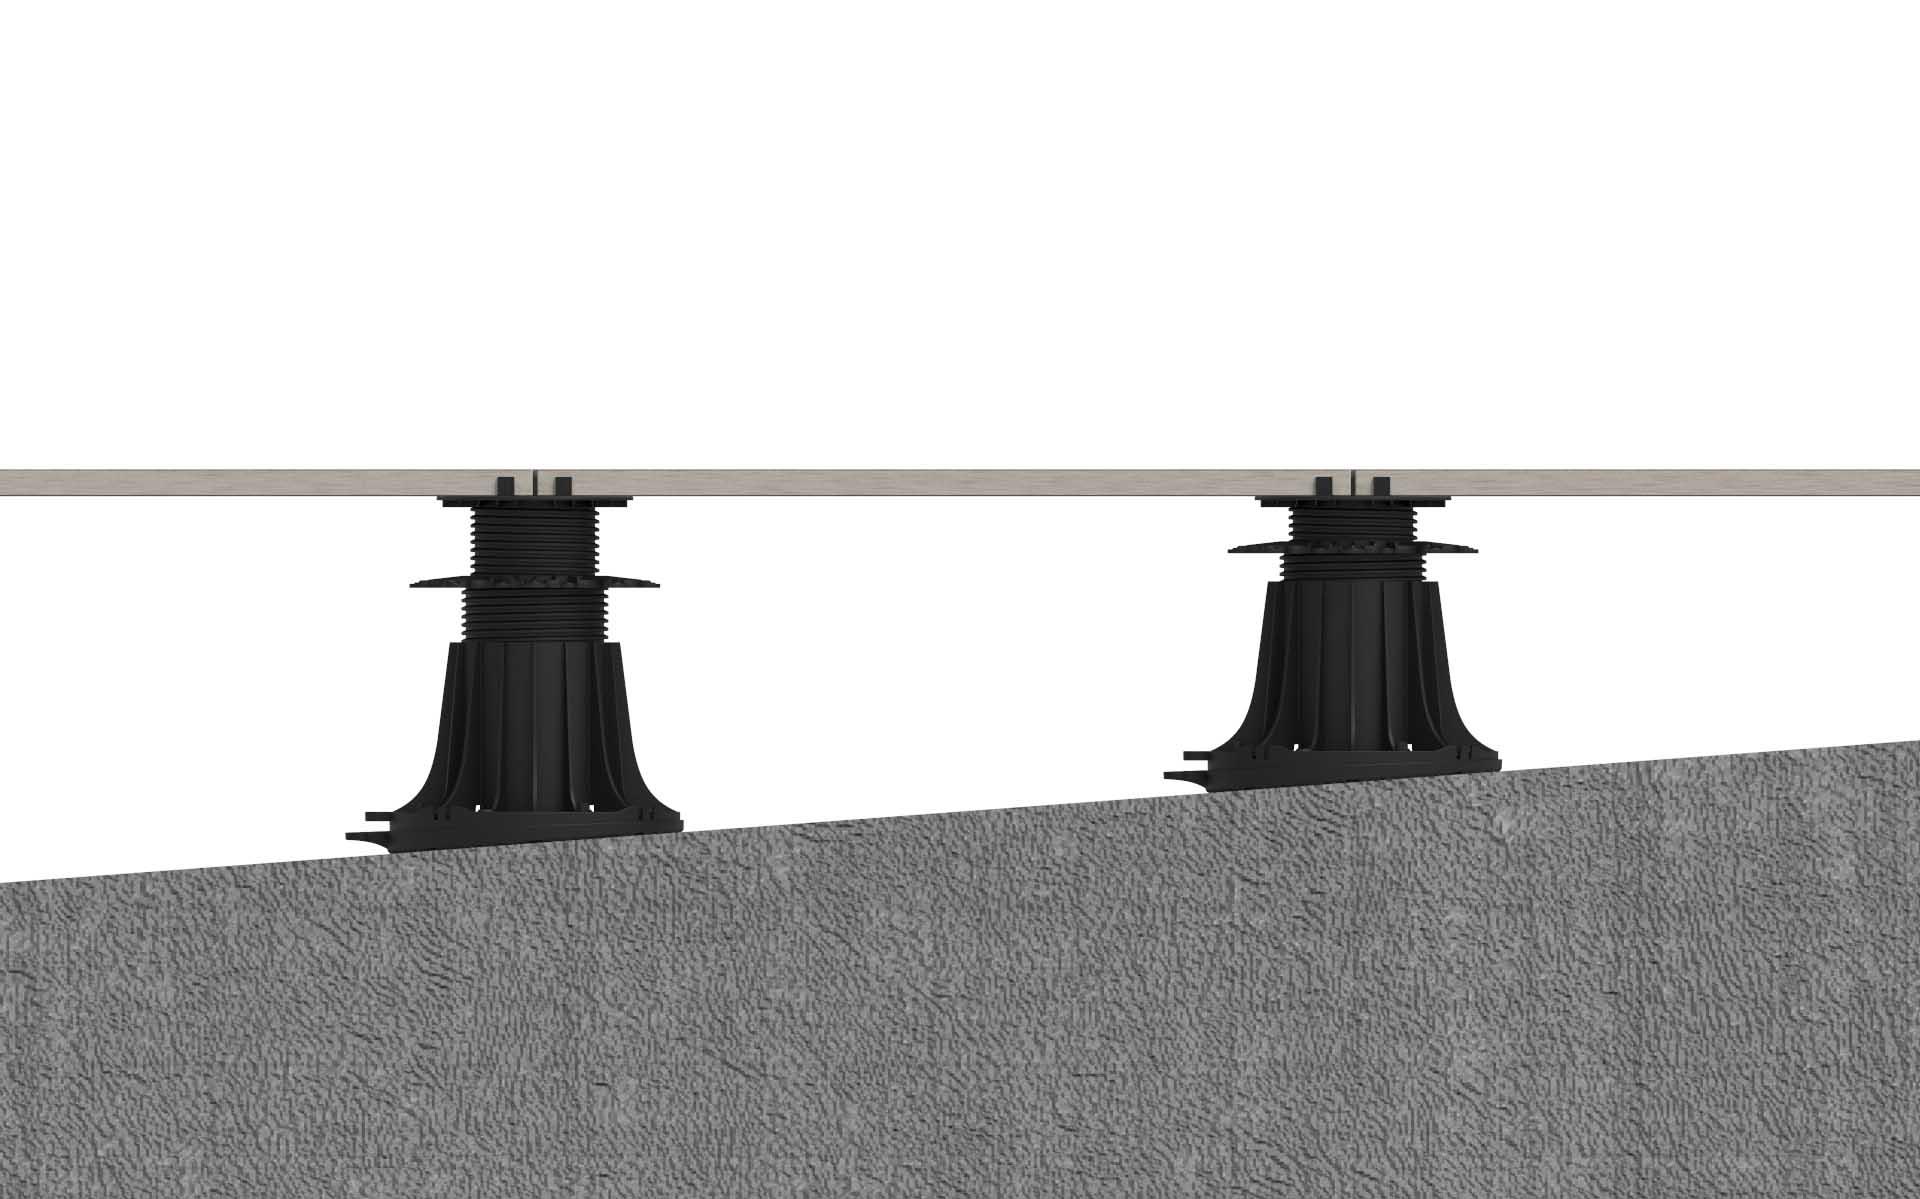 Ausgleich eines großen Gefälles auf der Terrassenplatte mit einem Gefällekorrektor